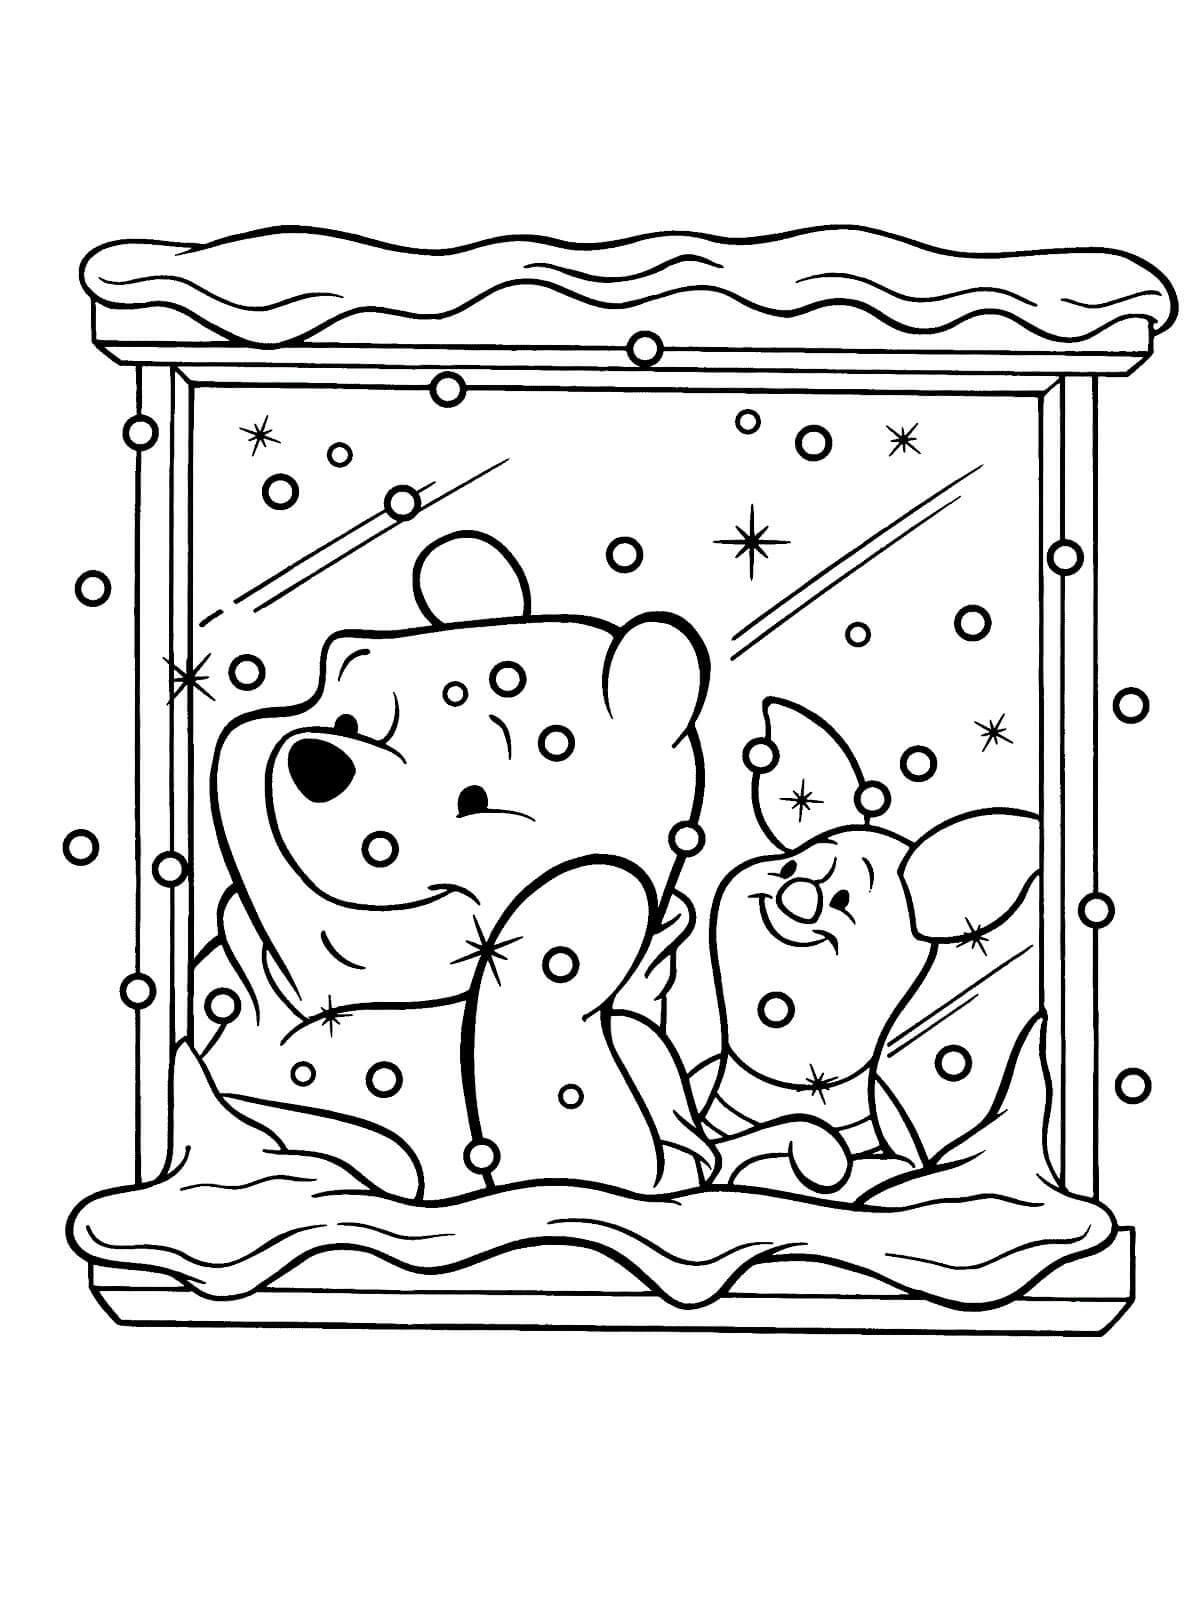 Раскраска Винни Пух и Пятачок сидят у окна